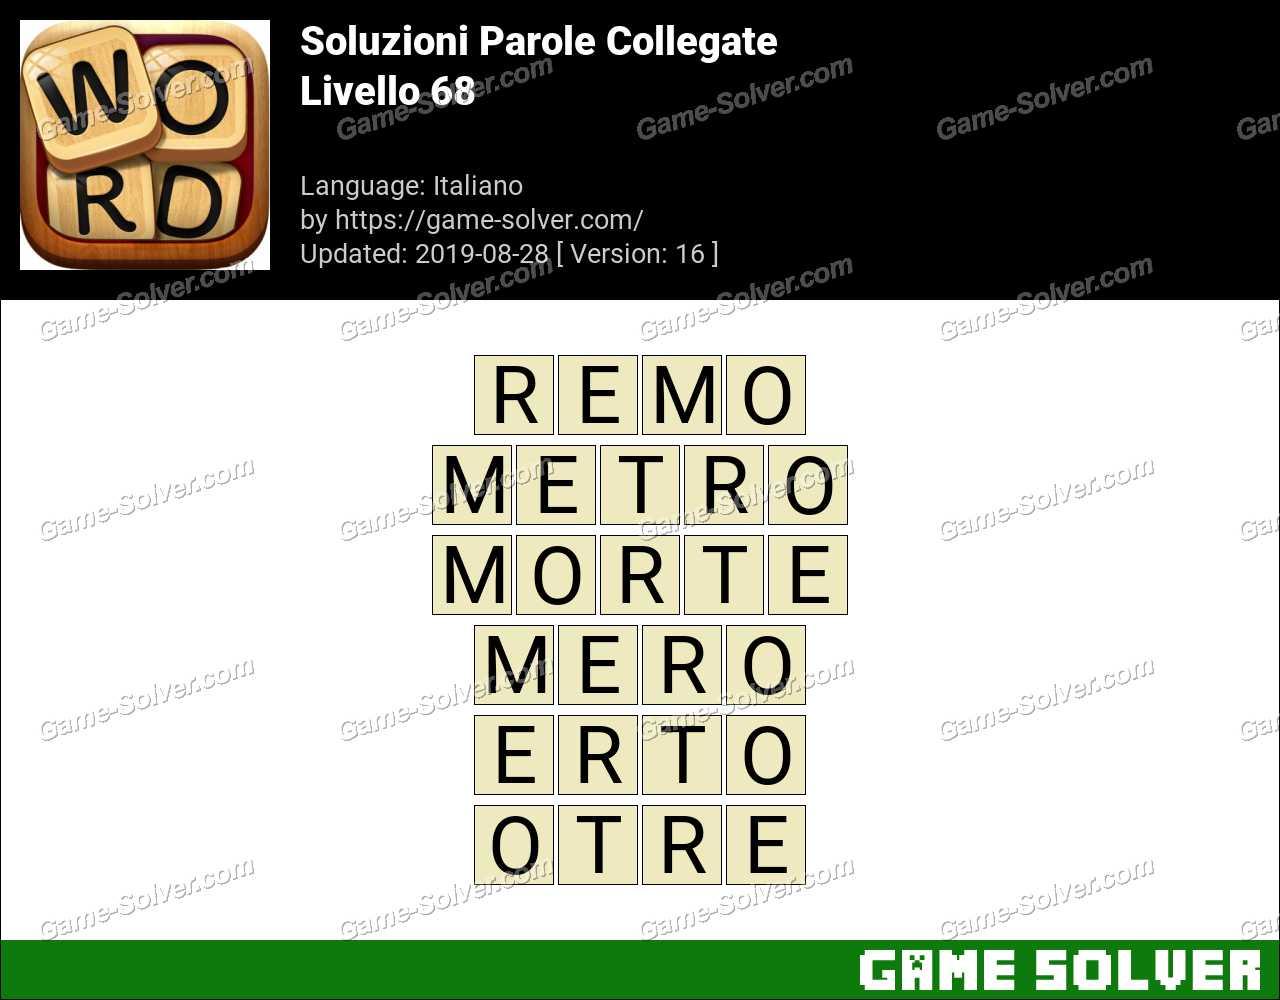 Soluzioni Parole Collegate Livello 68